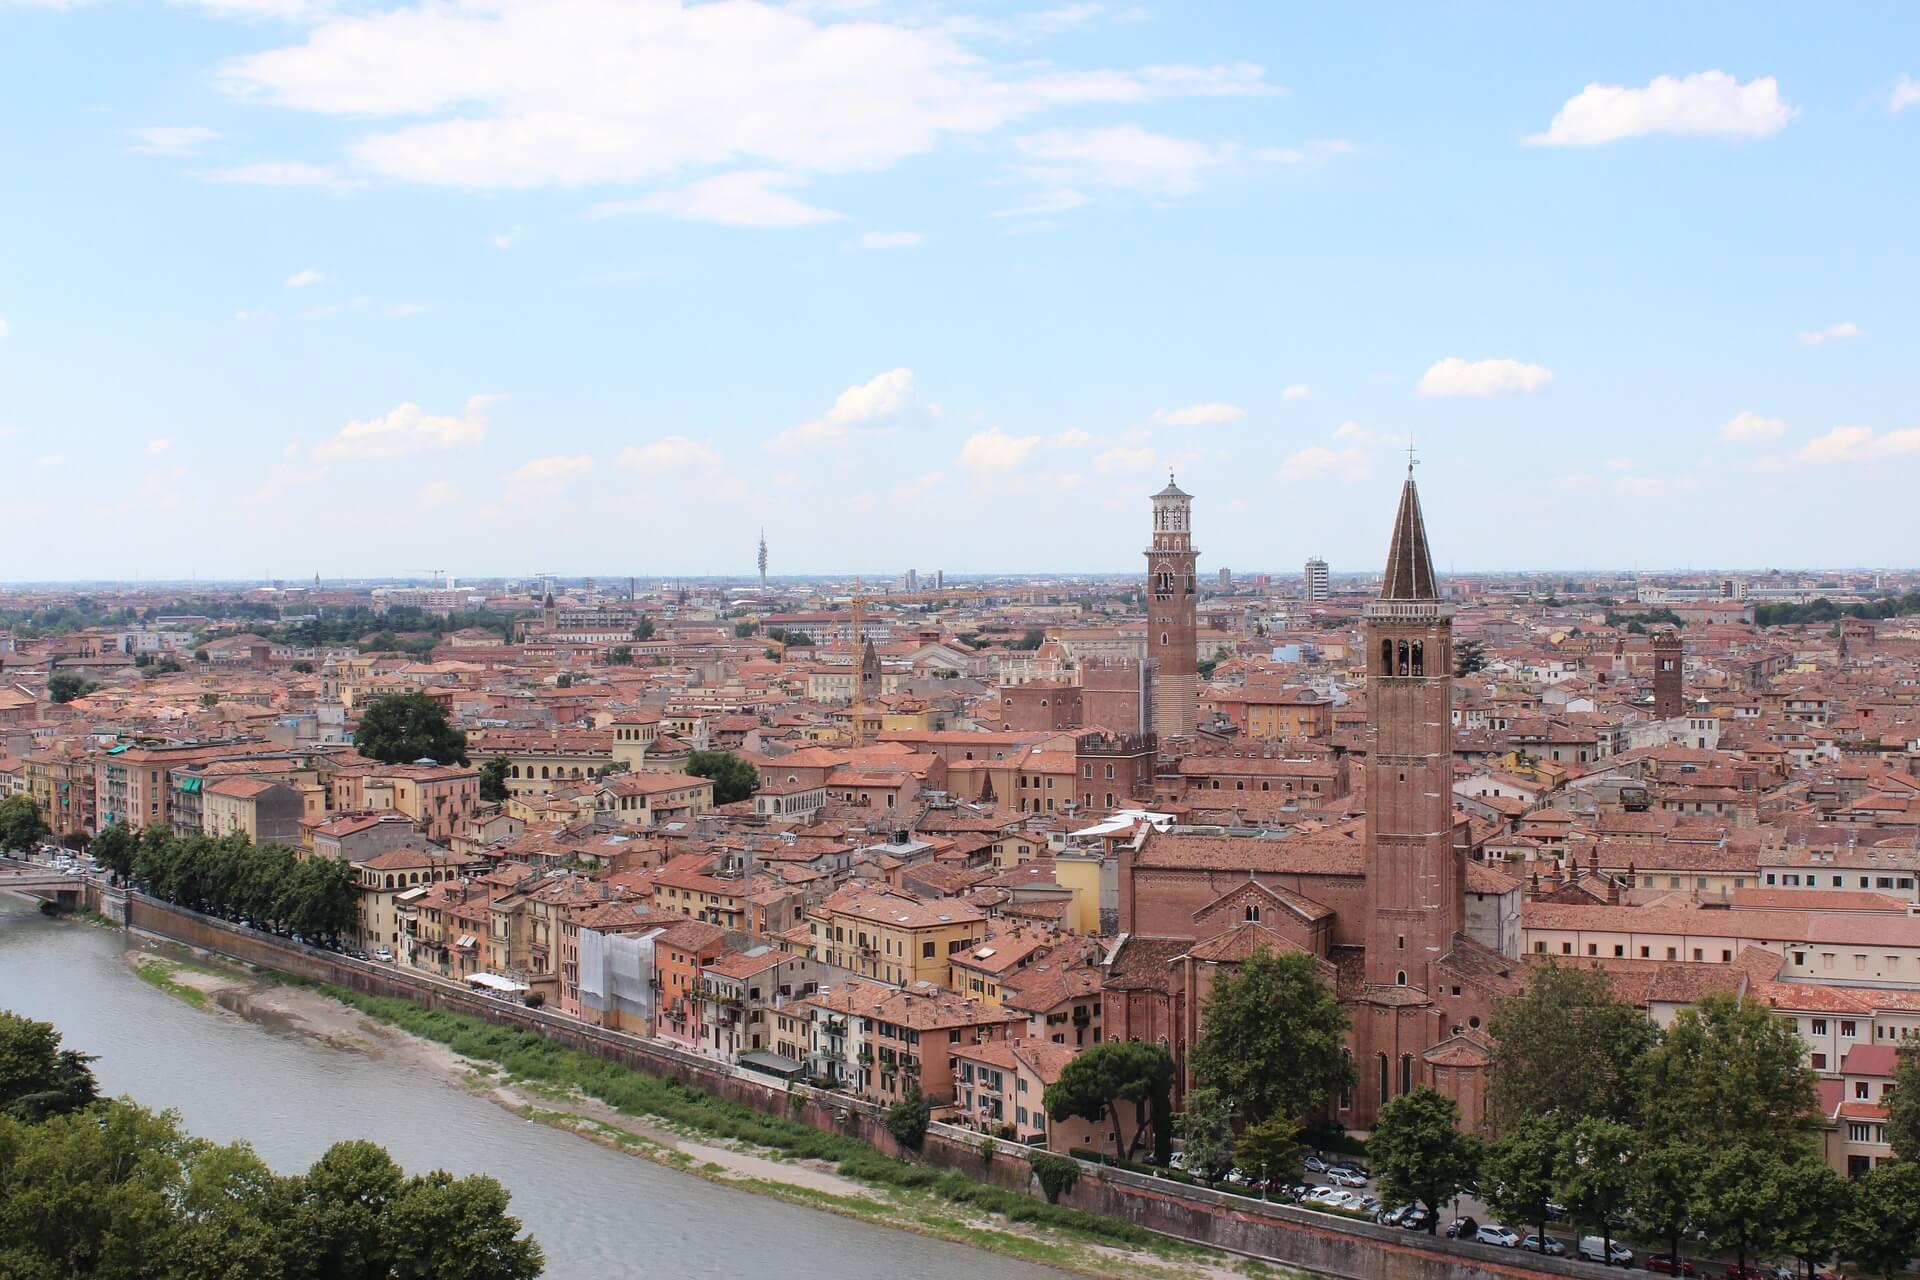 ヴェローナ市街の画像 p1_17